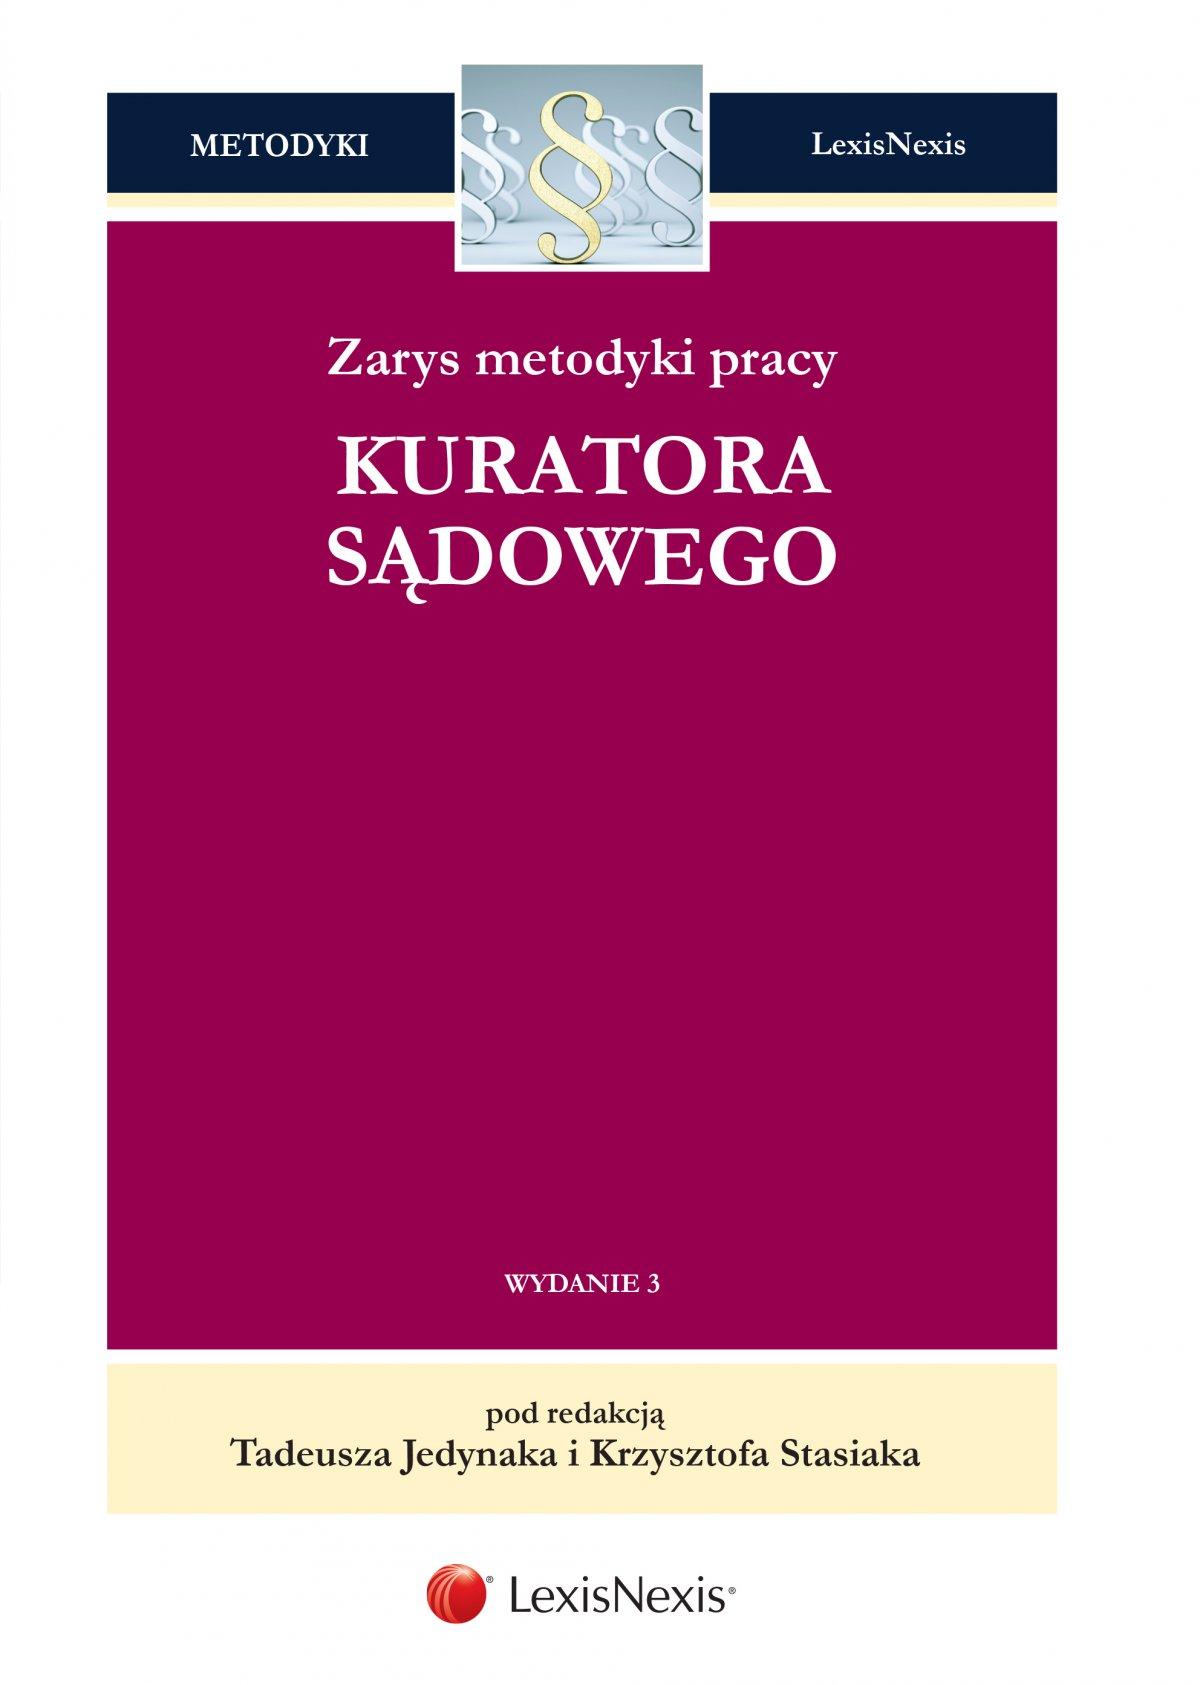 Zarys metodyki pracy kuratora sądowego. Wydanie 3 - Ebook (Książka EPUB) do pobrania w formacie EPUB